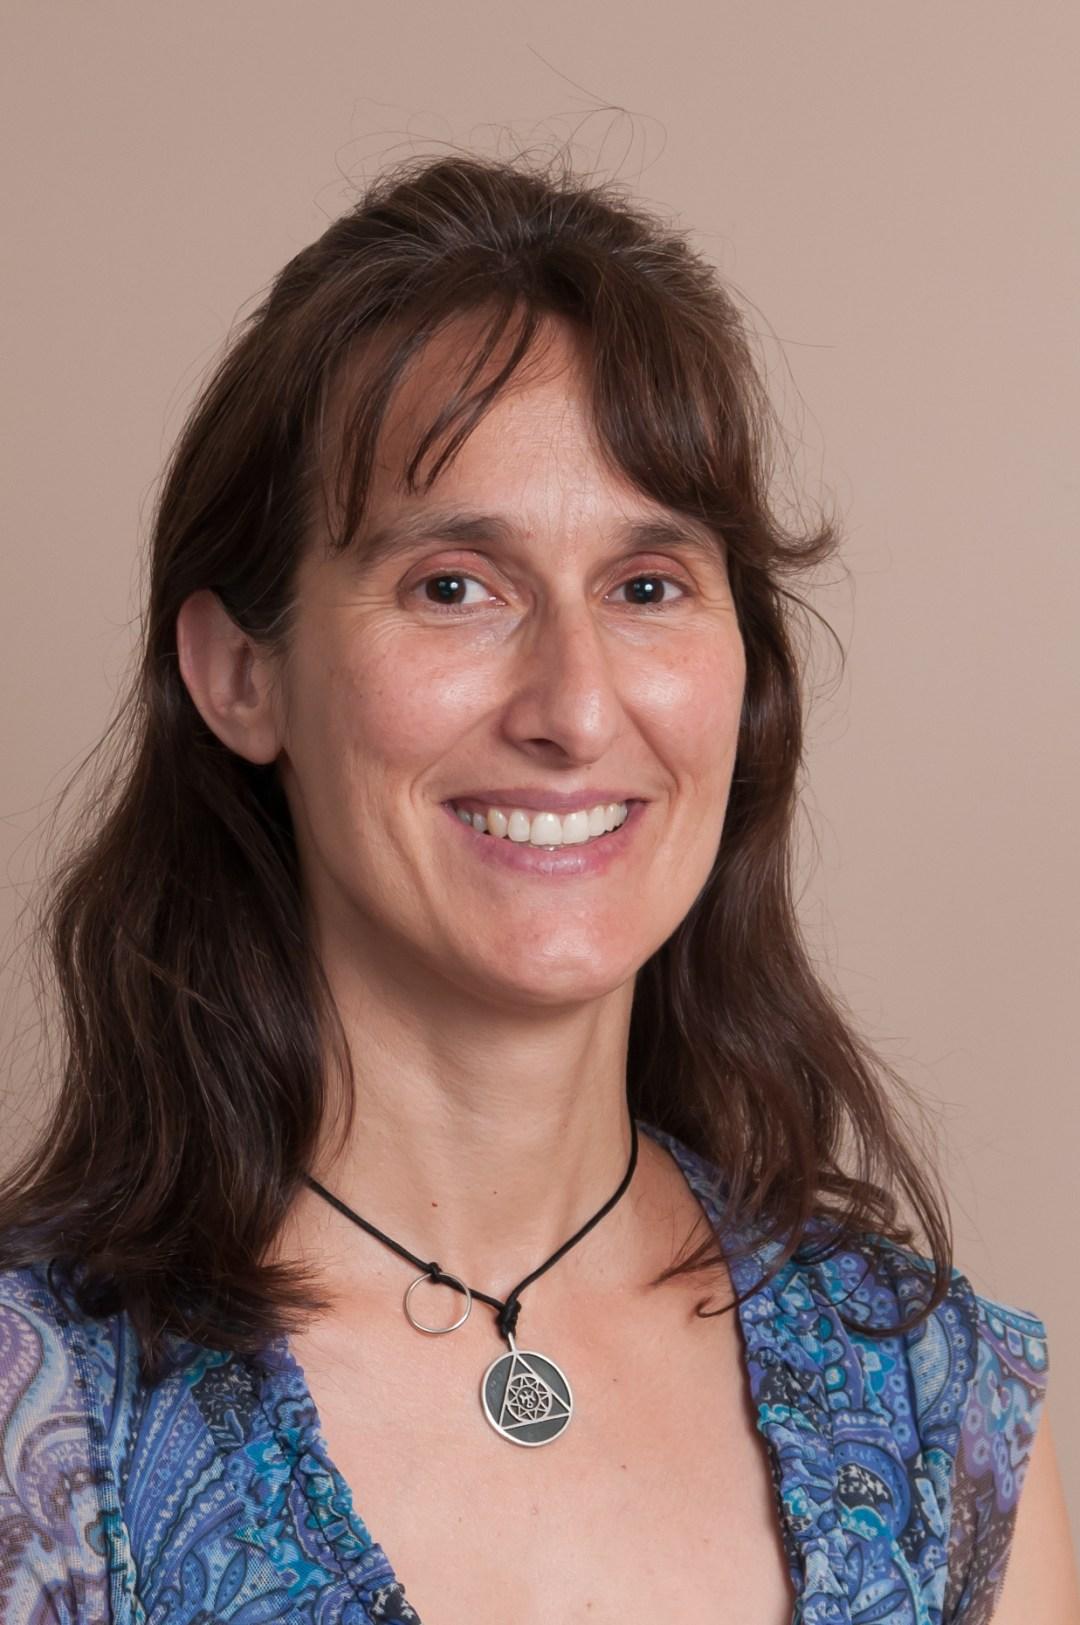 Michelle Ciccaglione